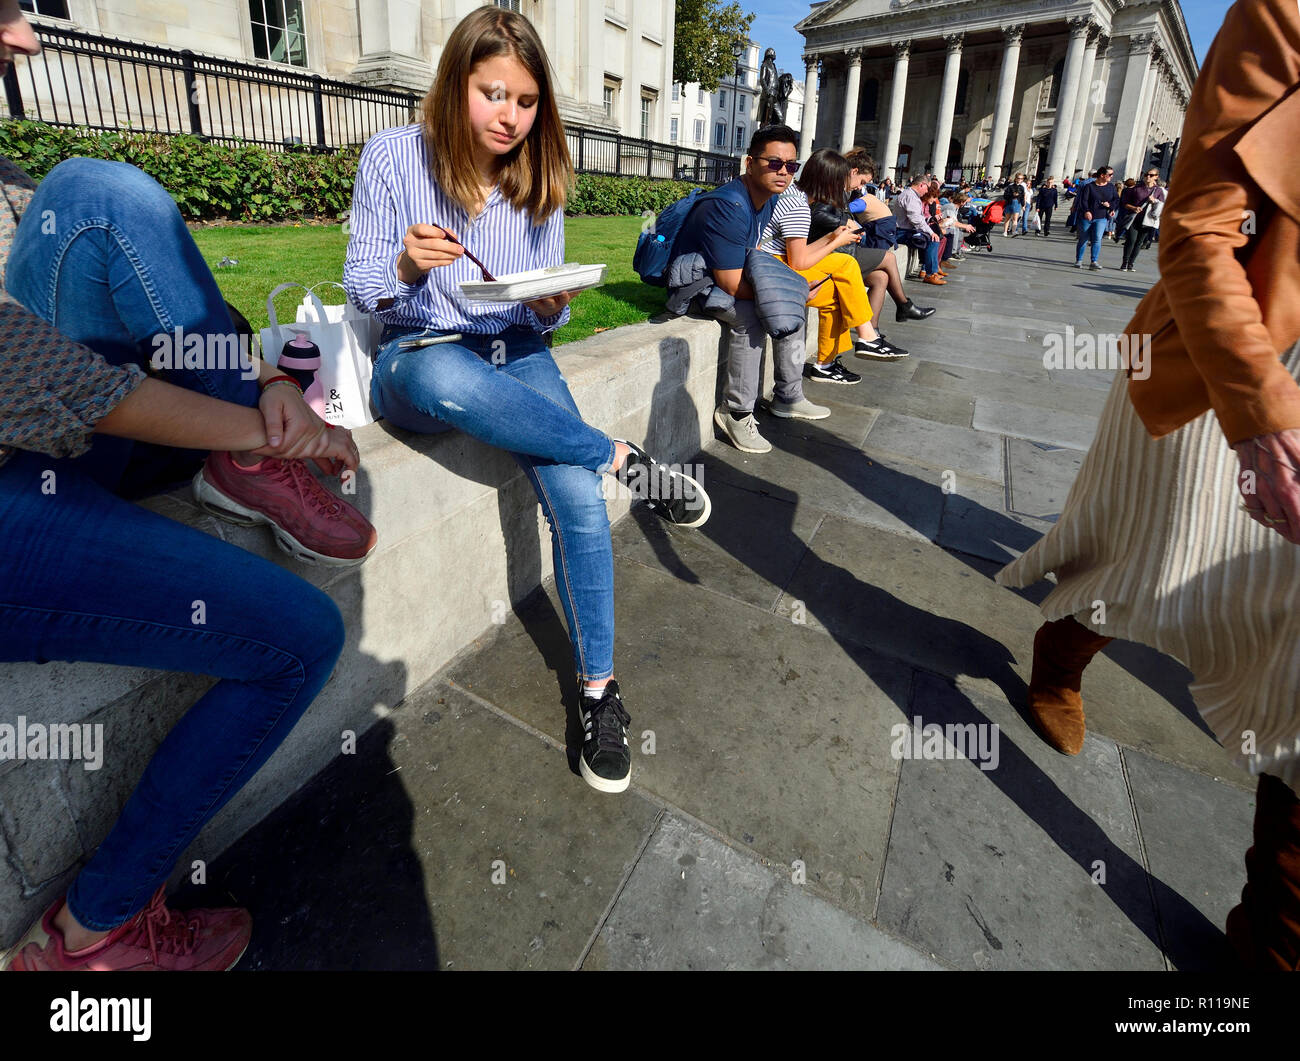 Menschen entspannend am Mittag vor der National Gallery am Trafalgar Square, London, England, UK. Stockbild